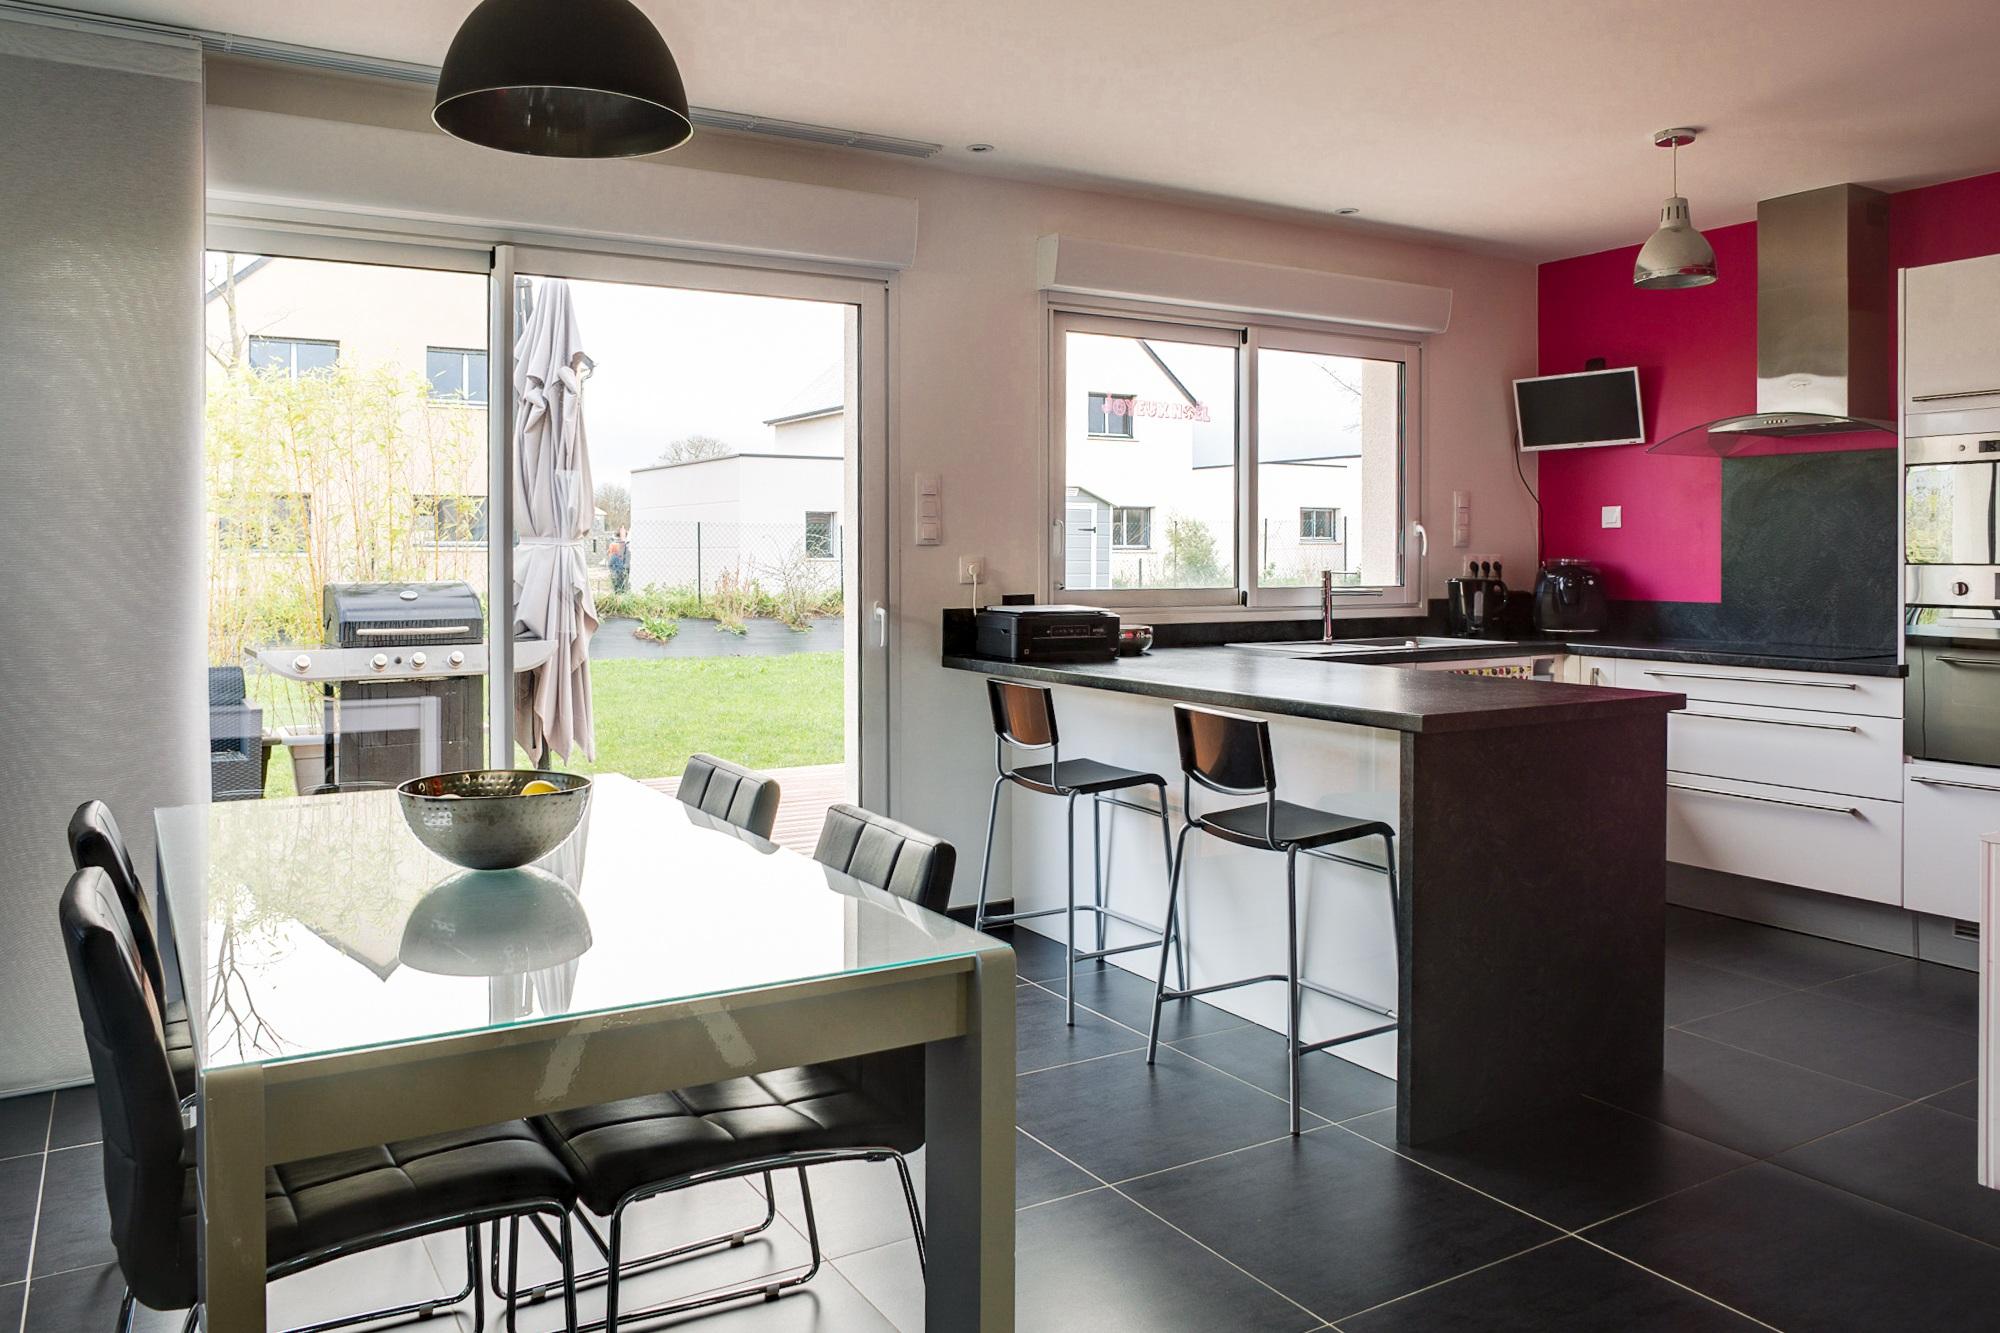 Maisons + Terrains du constructeur MAISONS PHENIX • 90 m² • GUIPEL